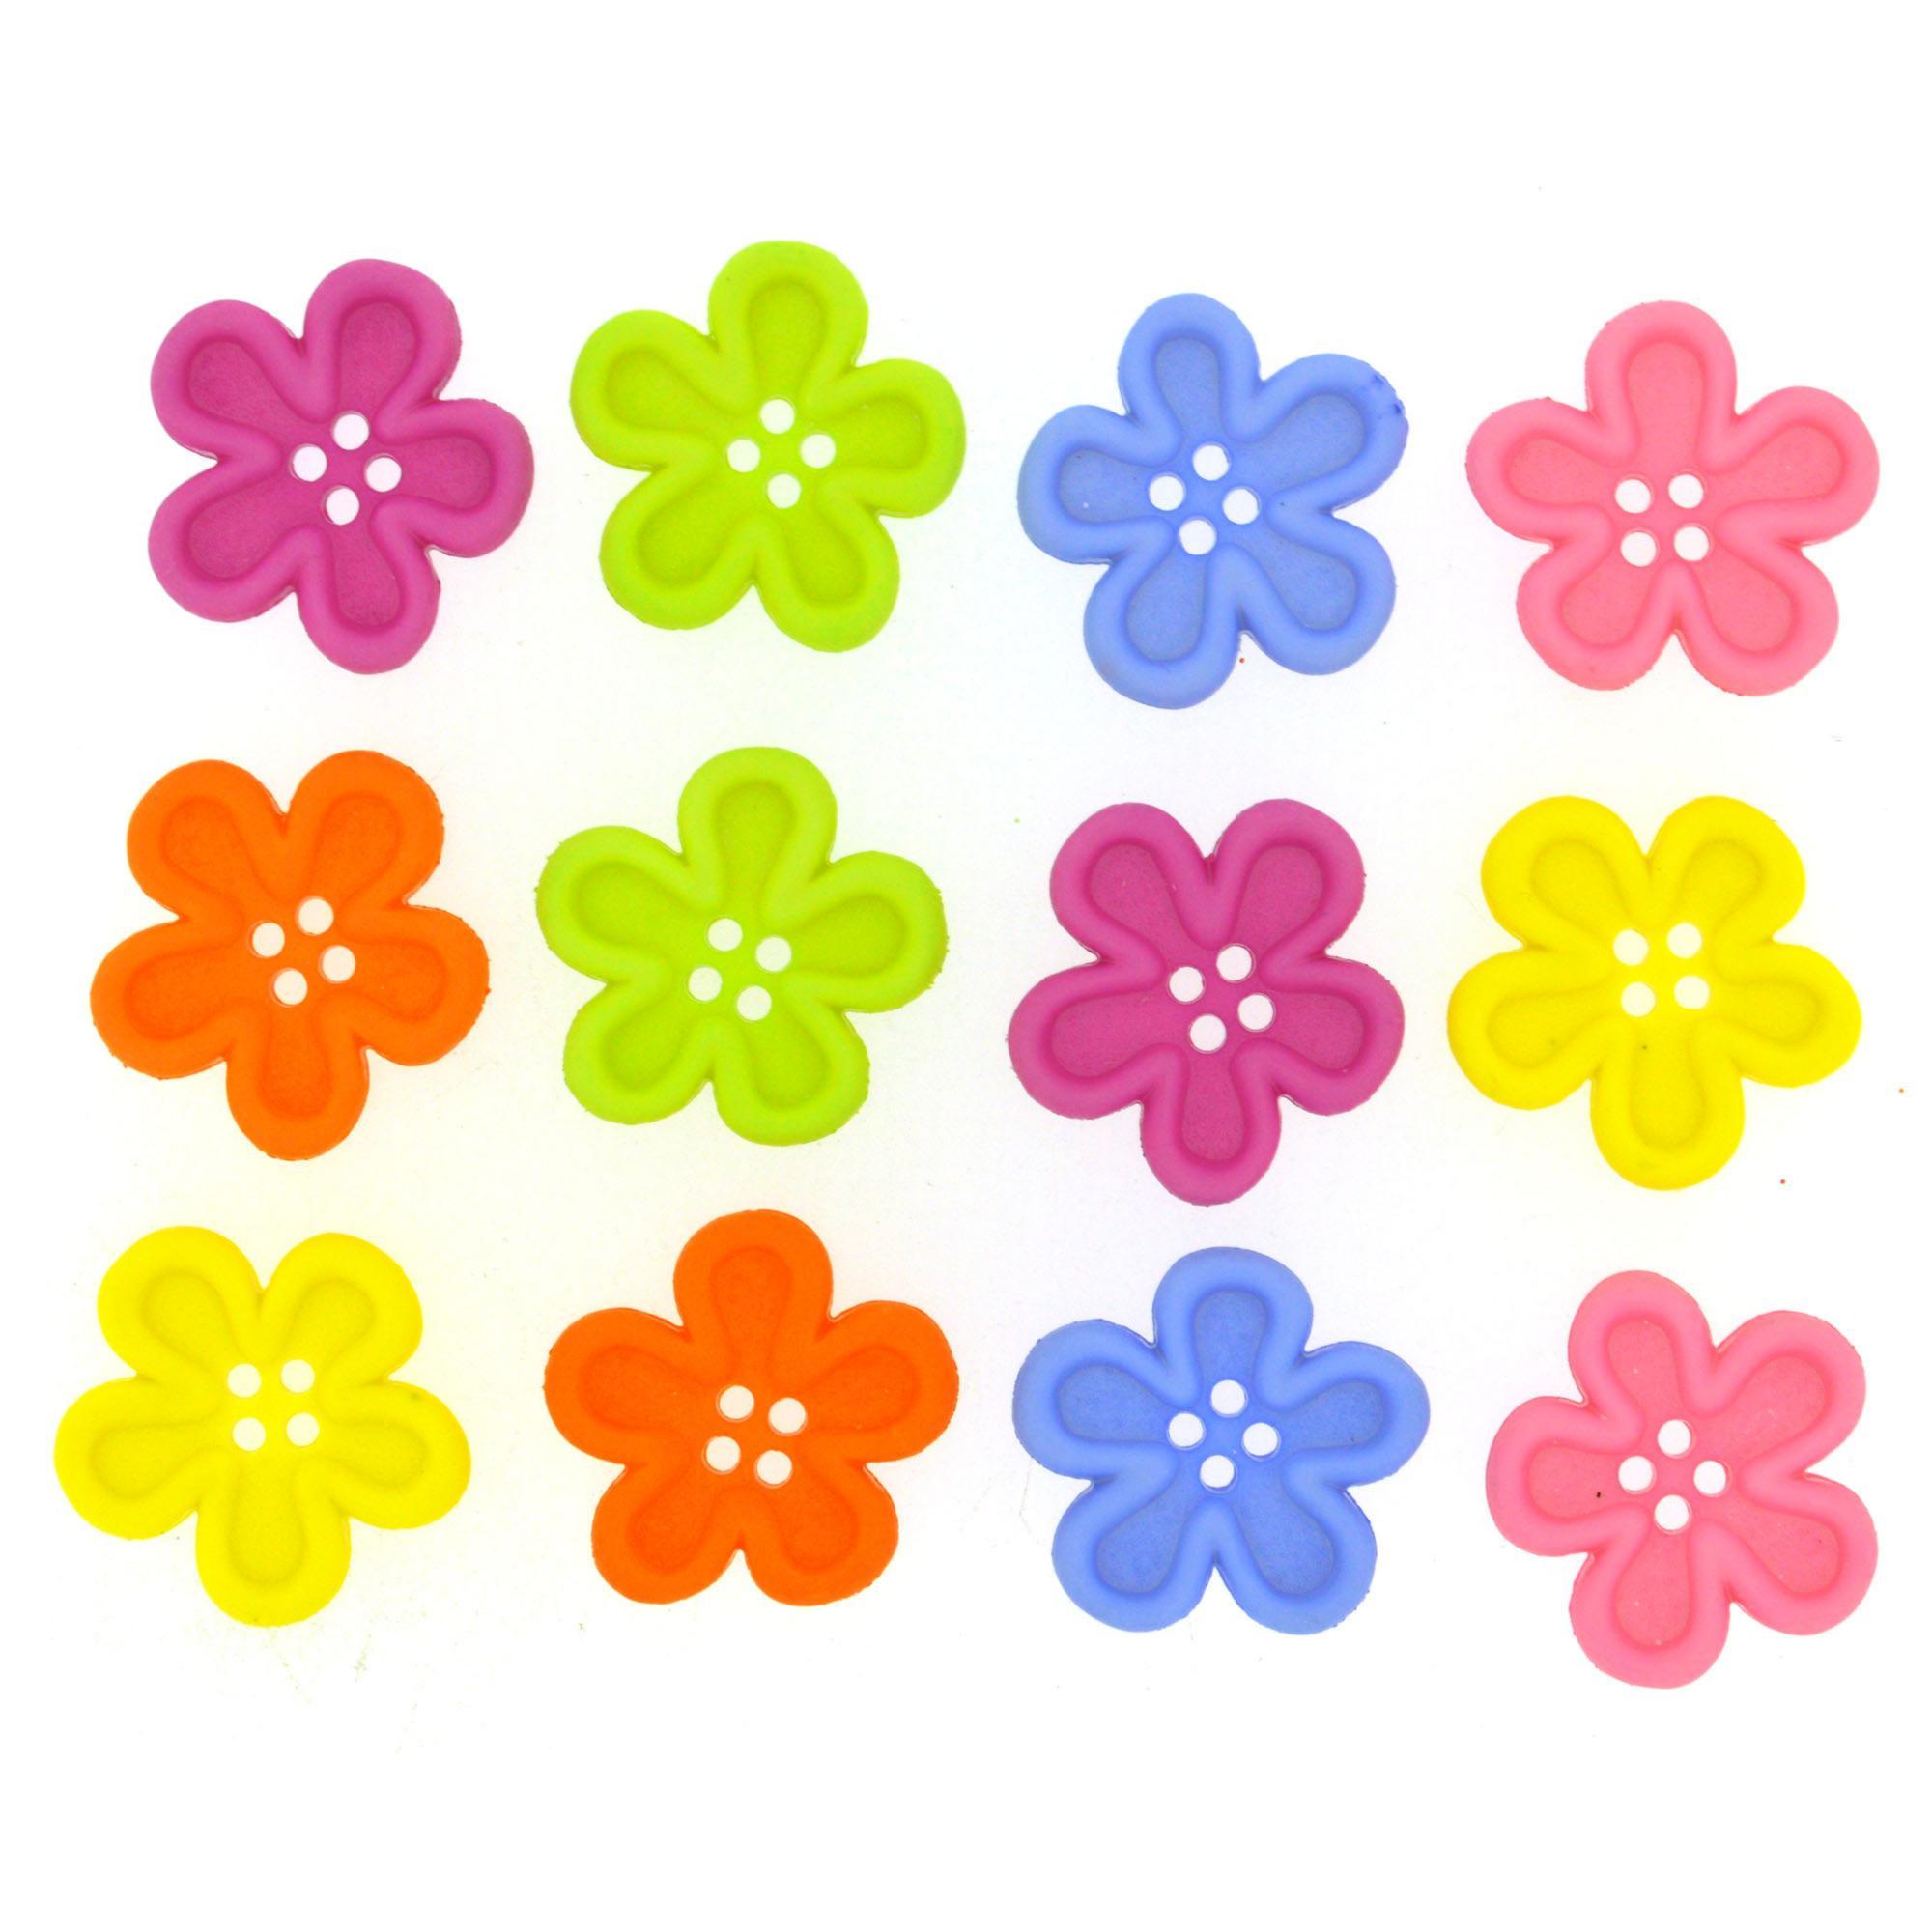 цветочки картинки шаблоны для вырезания цветные вида спорта